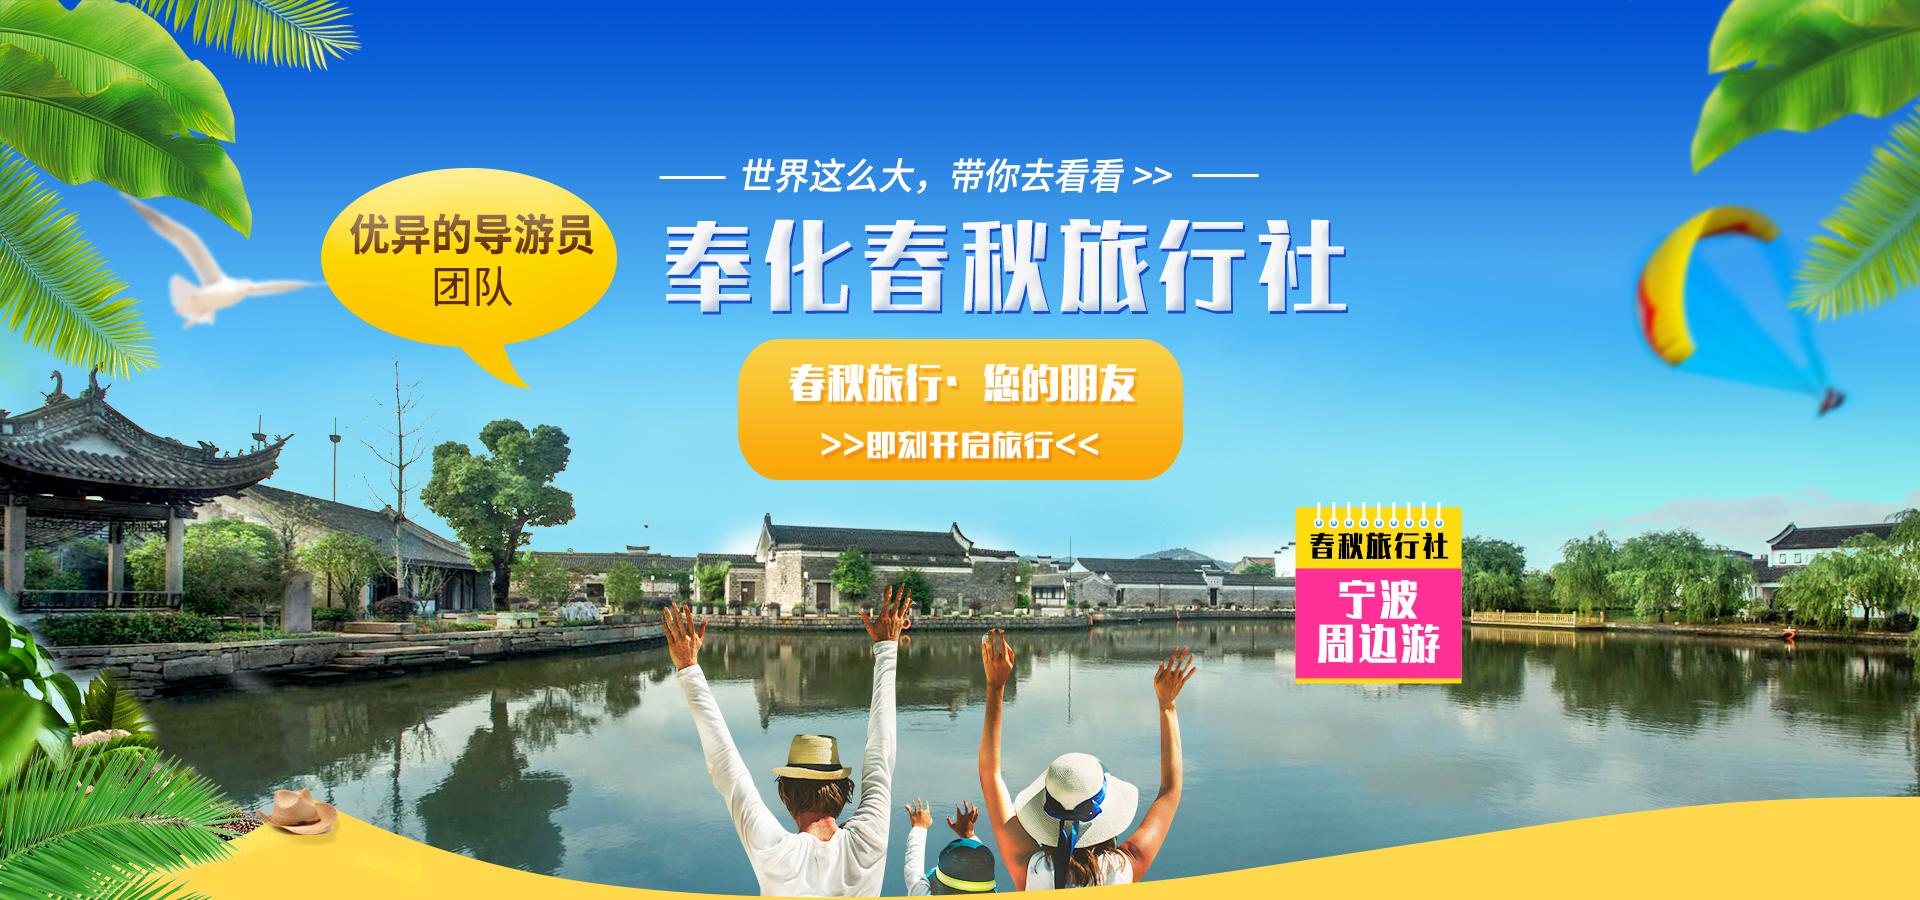 宁波旅行社